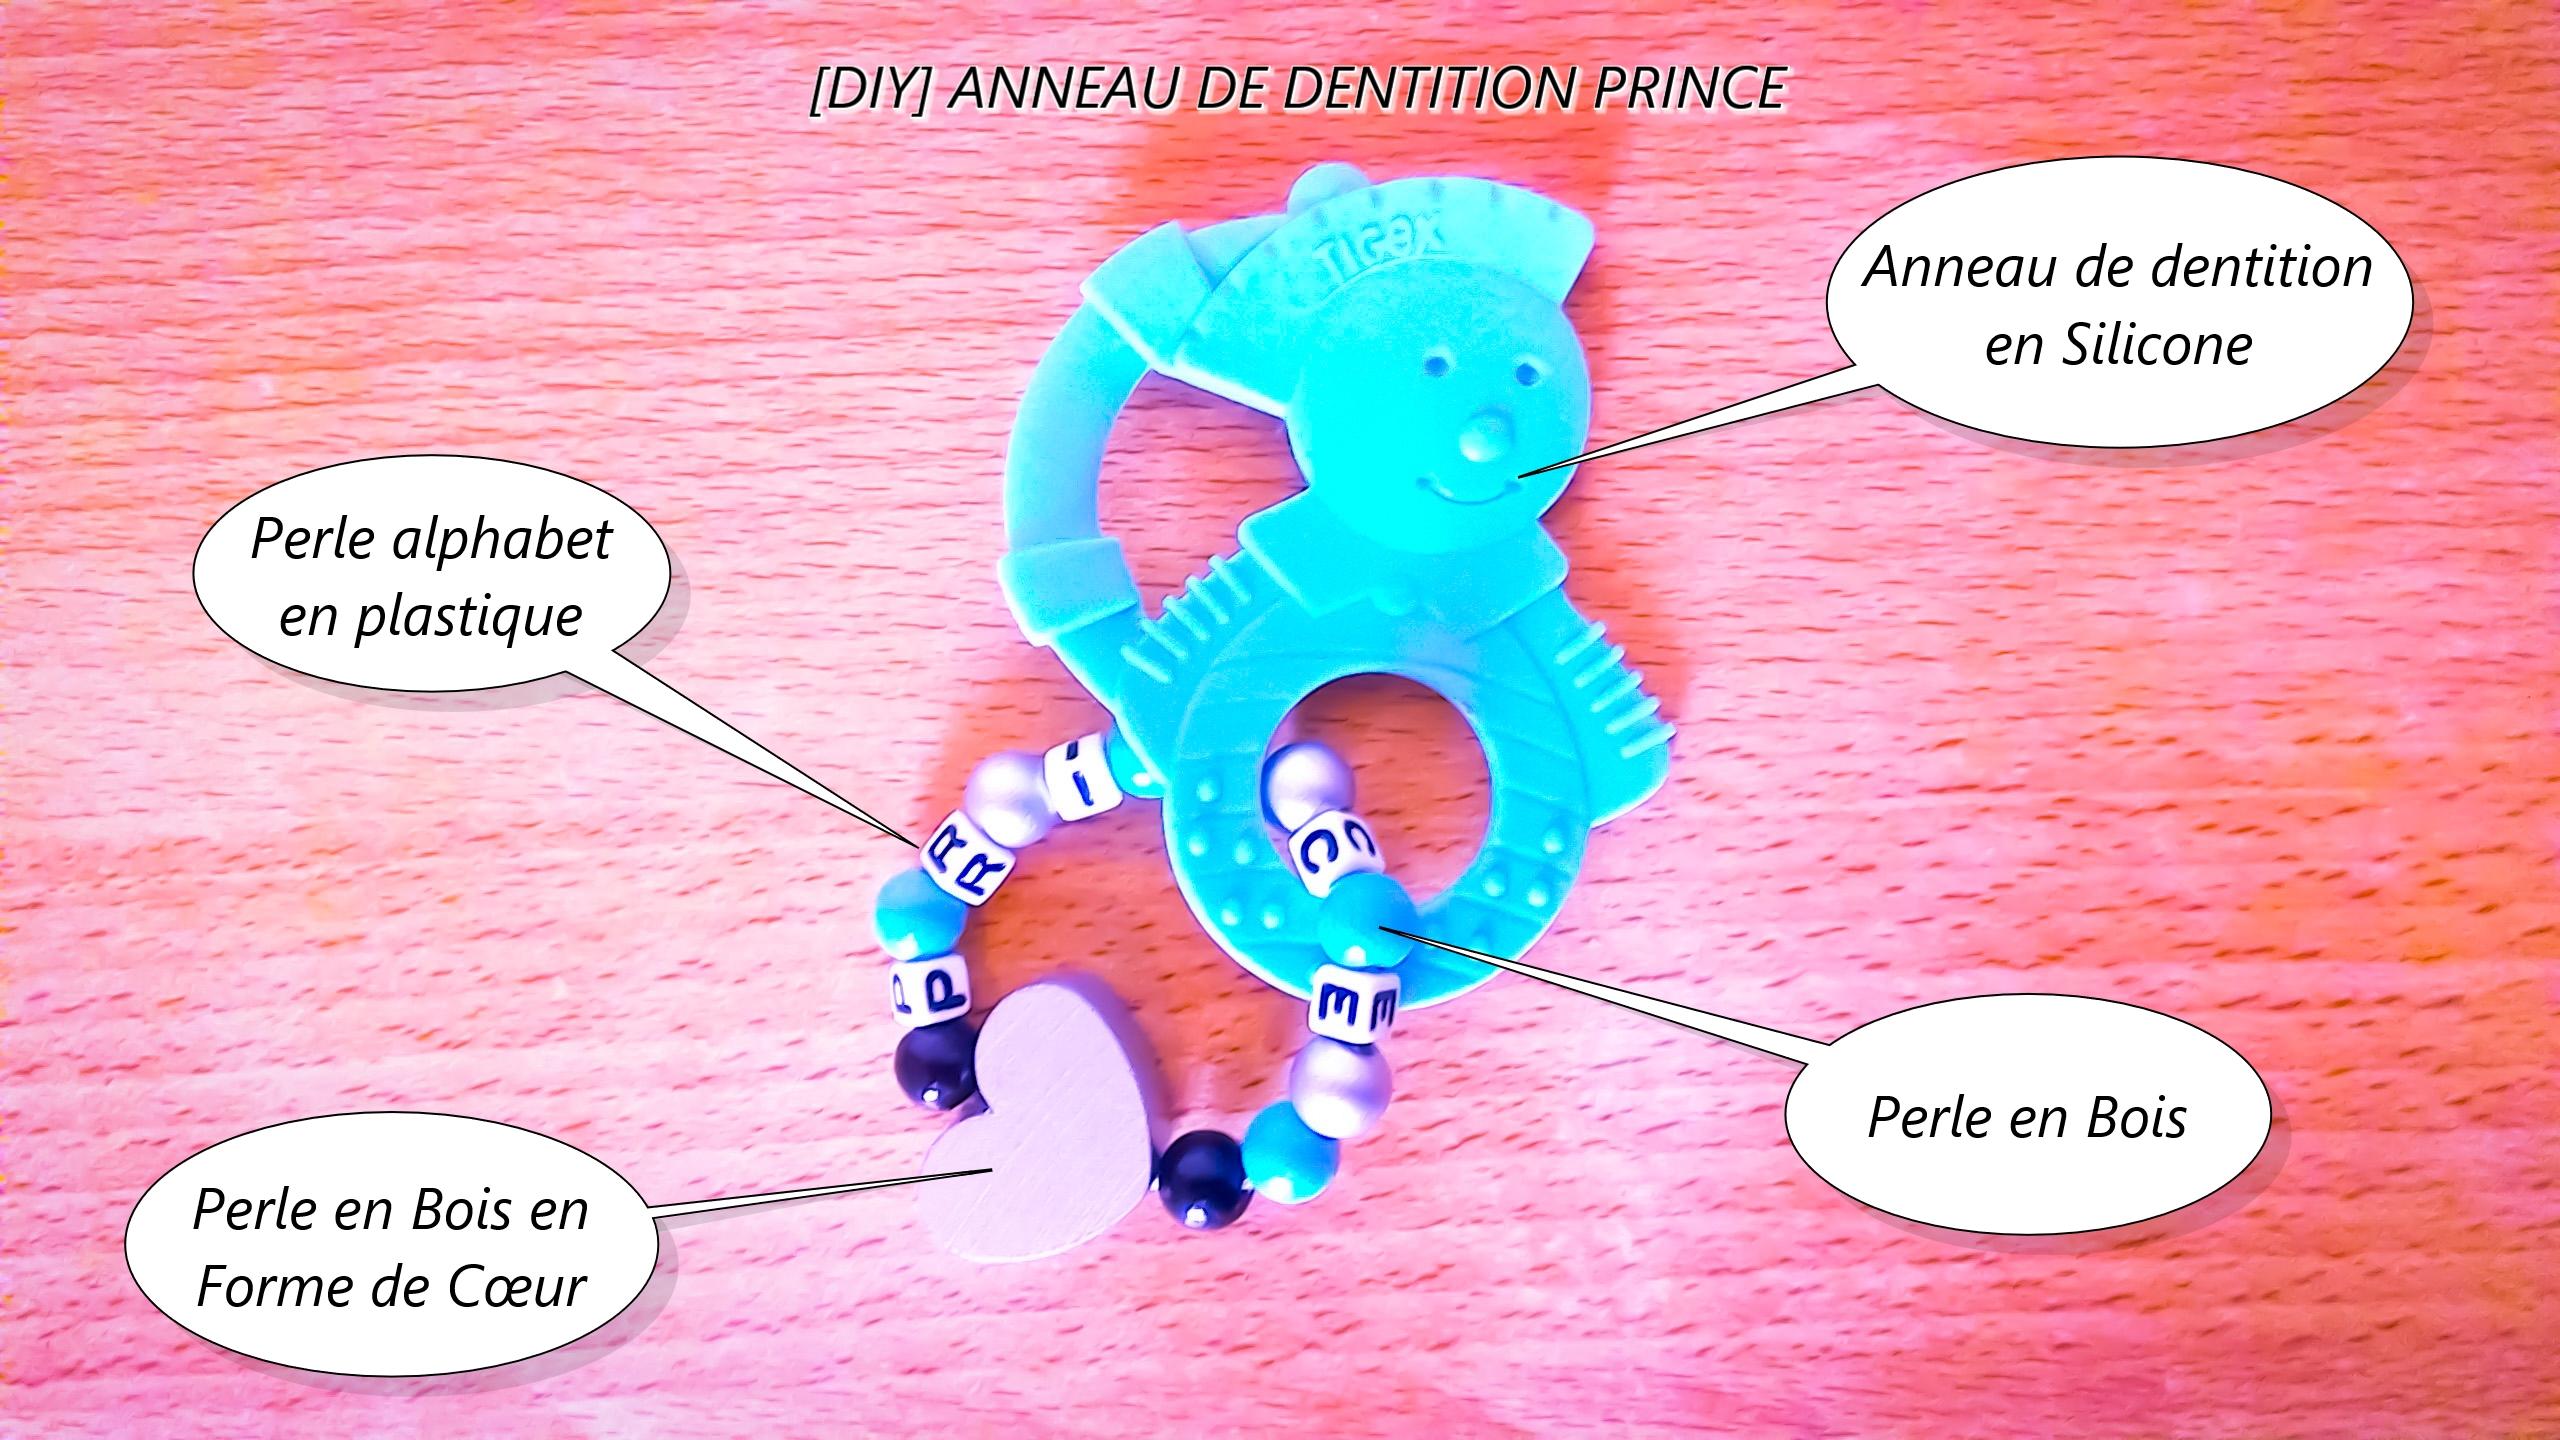 [DIY] ANNEAU DE DENTITION PRINCE